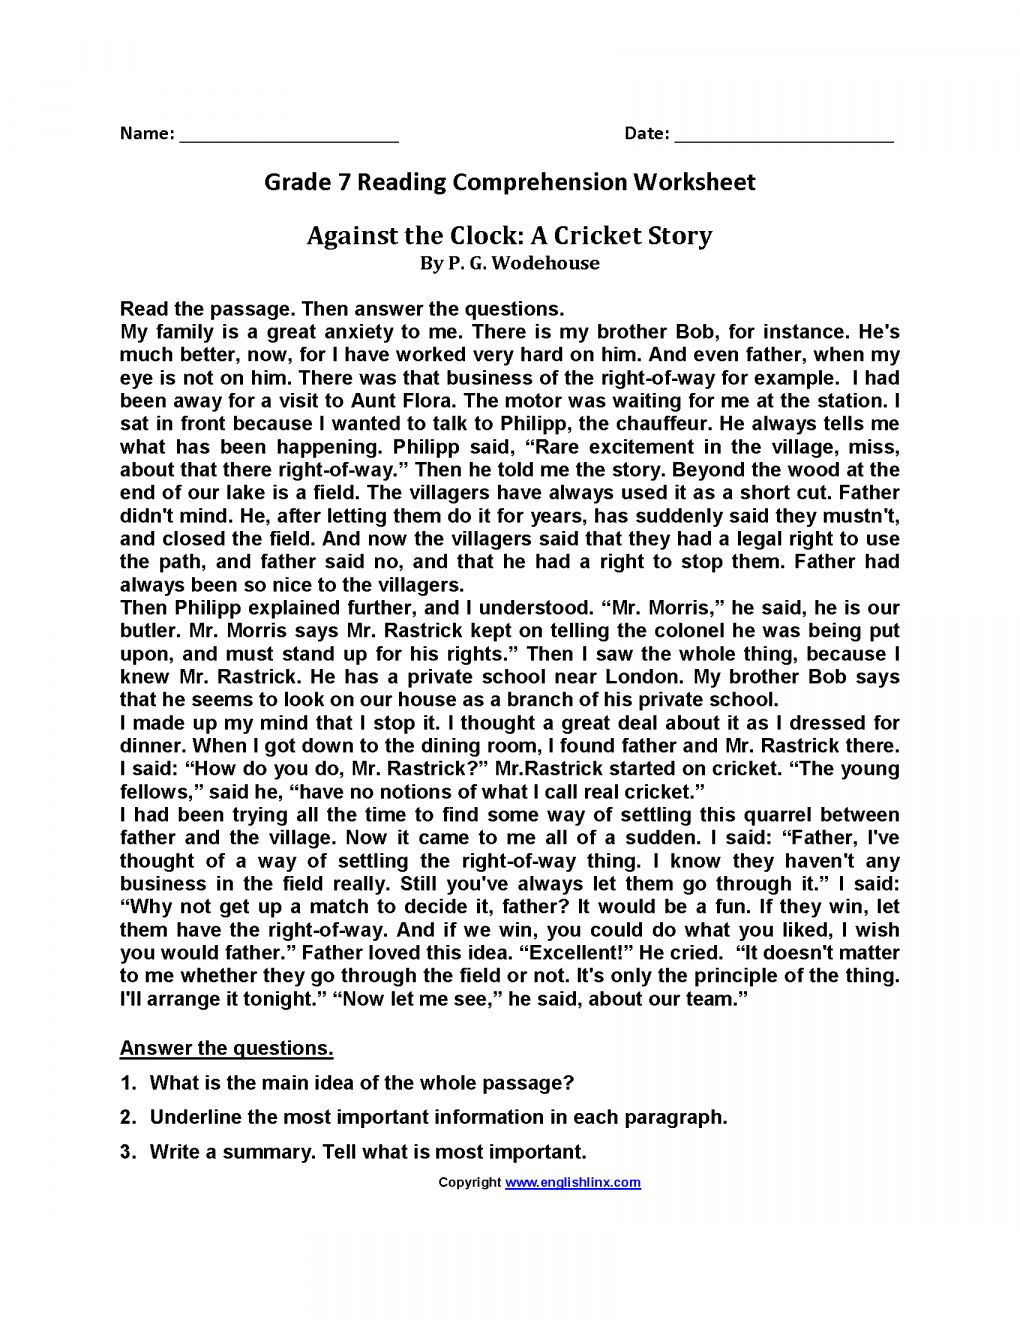 10 Reading Comprehension Grade 7 Worksheet Reading Comprehension Worksheets Comprehension Worksheets Reading Worksheets